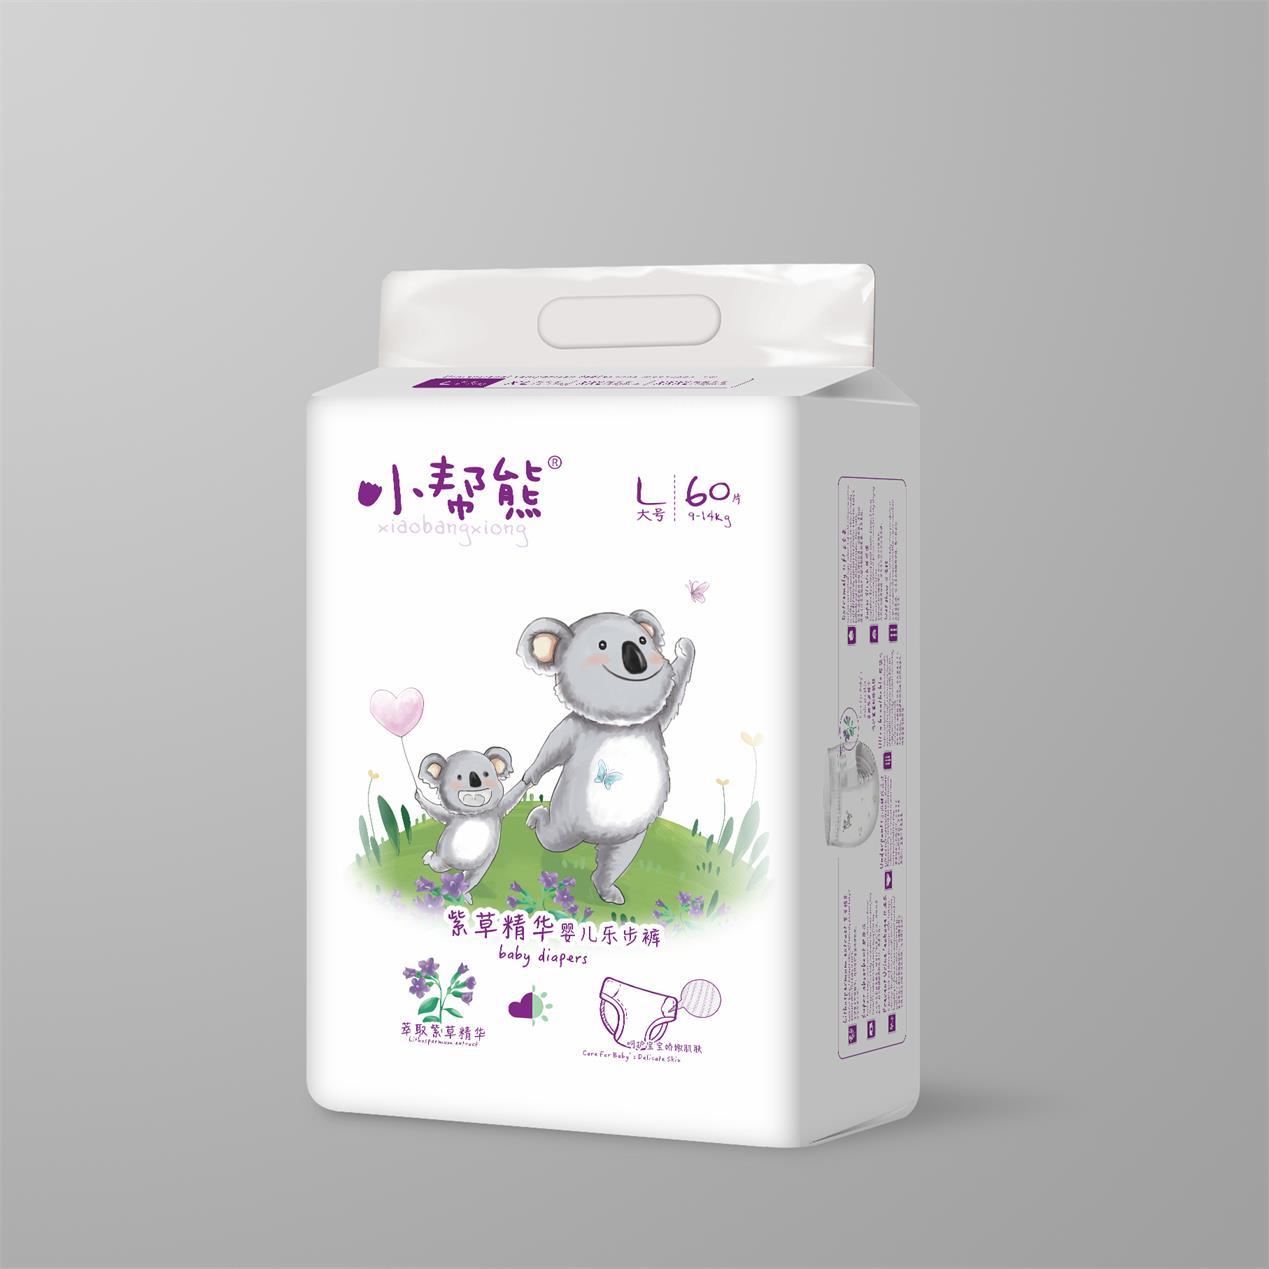 小帮熊纸尿裤批发-高性价小帮熊纸尿裤,华绿纸业供应